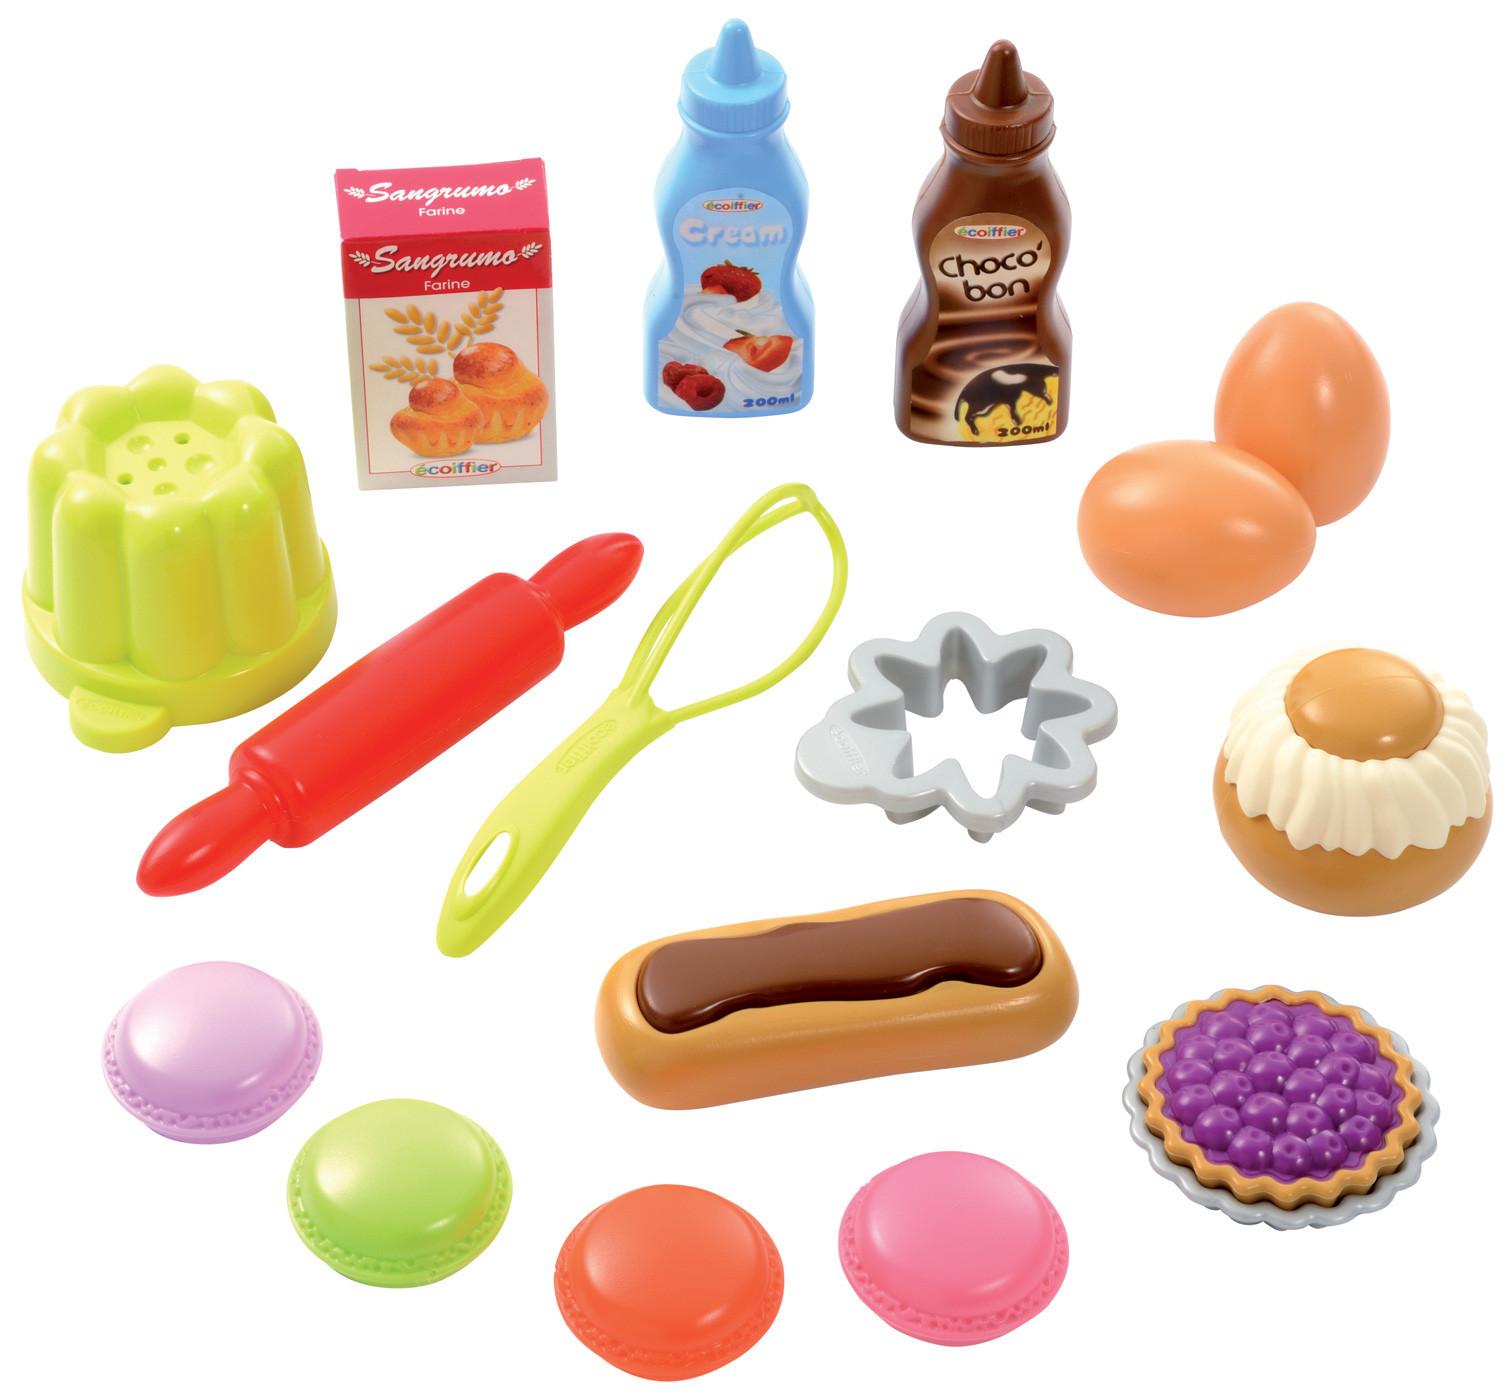 Set Accesorios para la Cocina: Pastelería